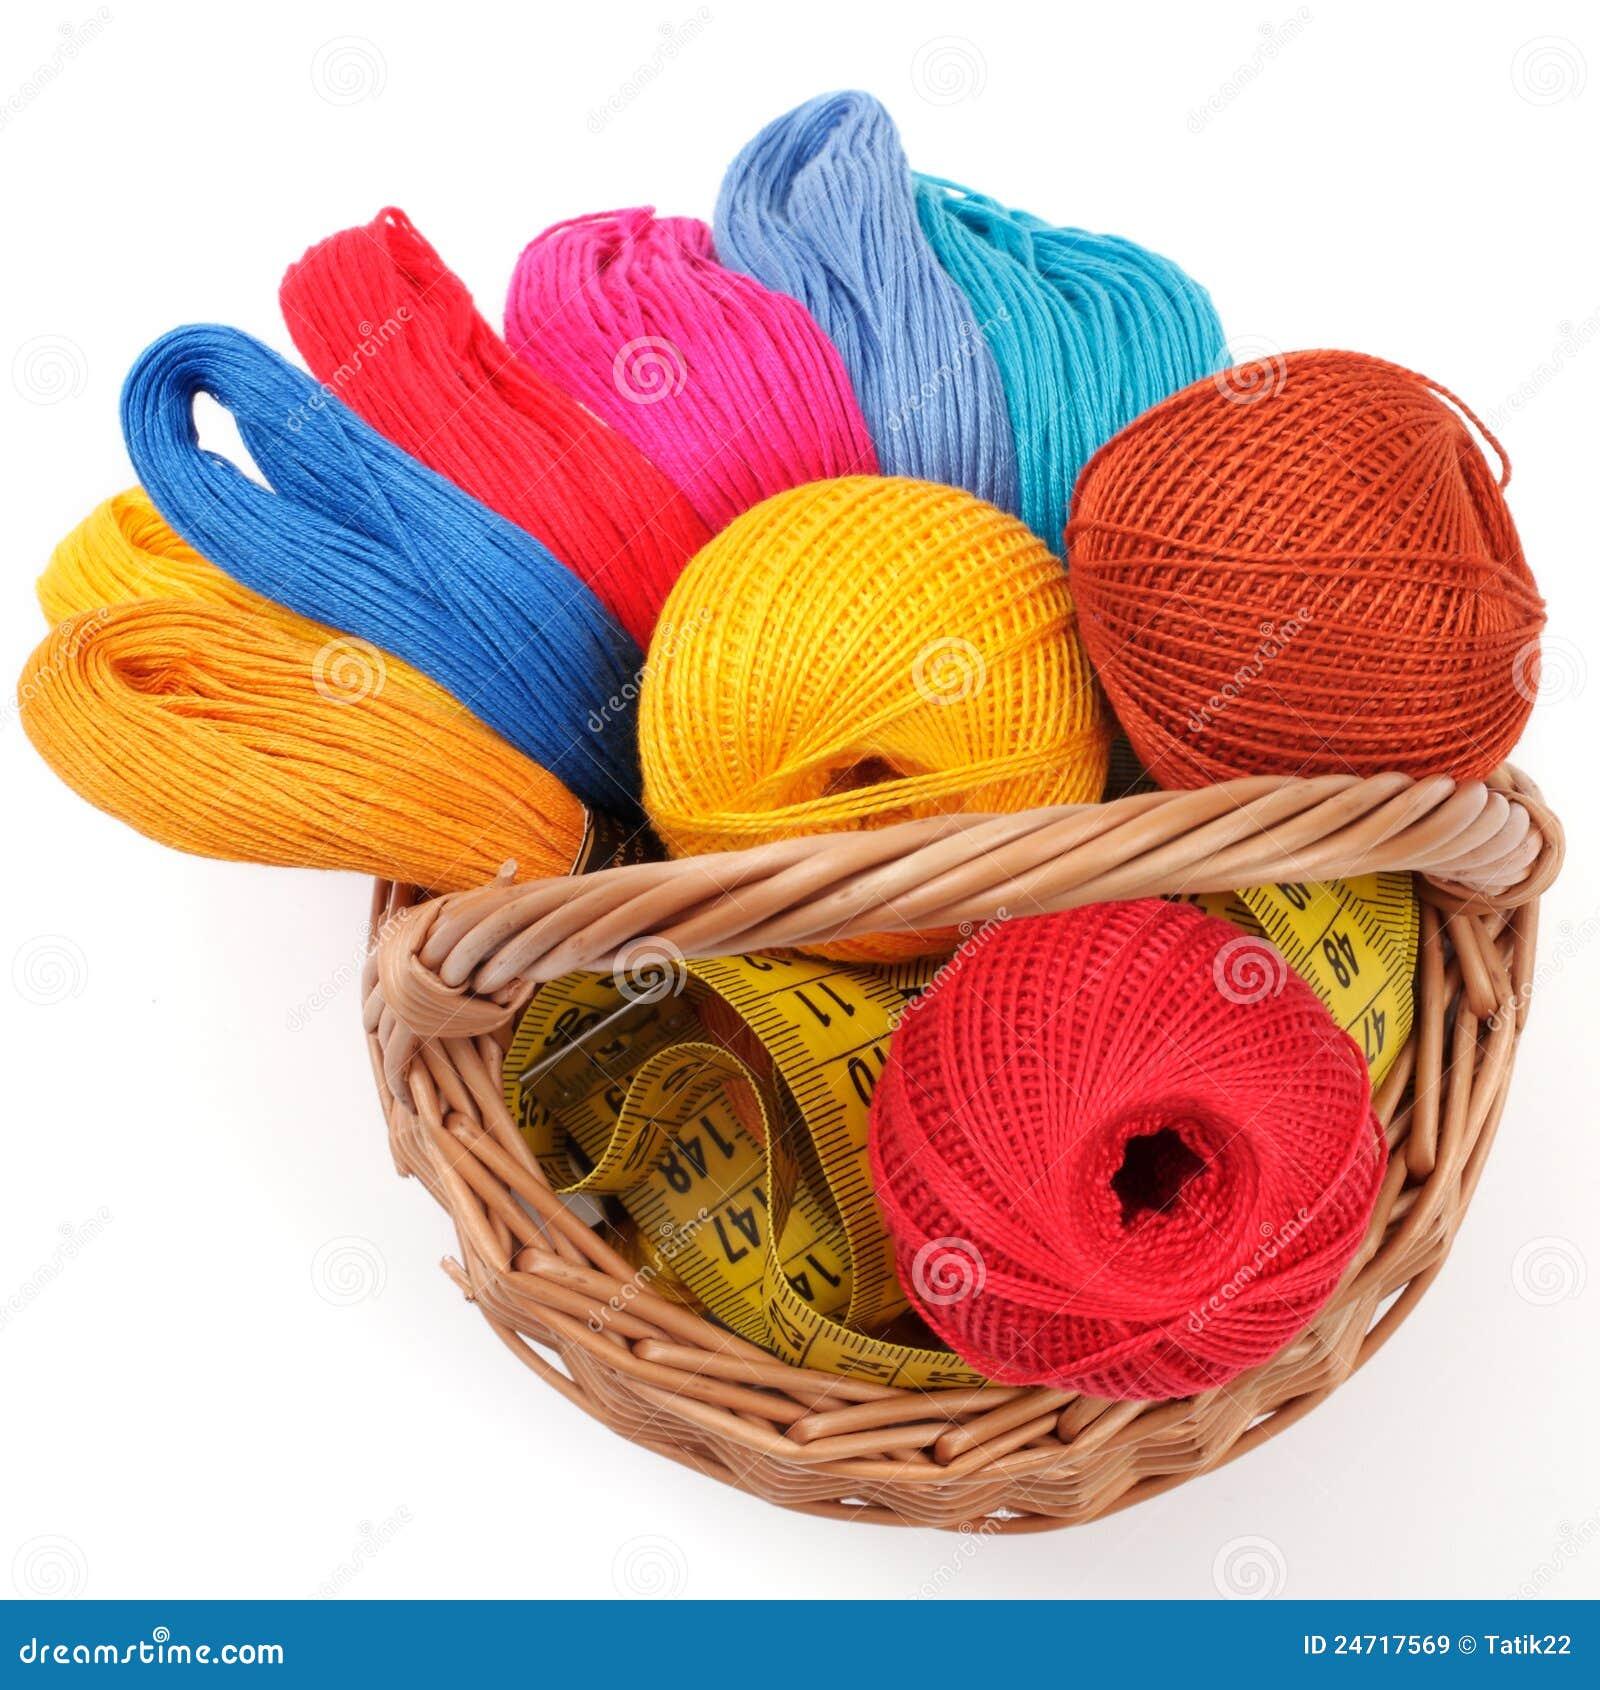 Cestini Da Lavoro Per Cucito filetti colorati per cucito nel cestino immagine stock